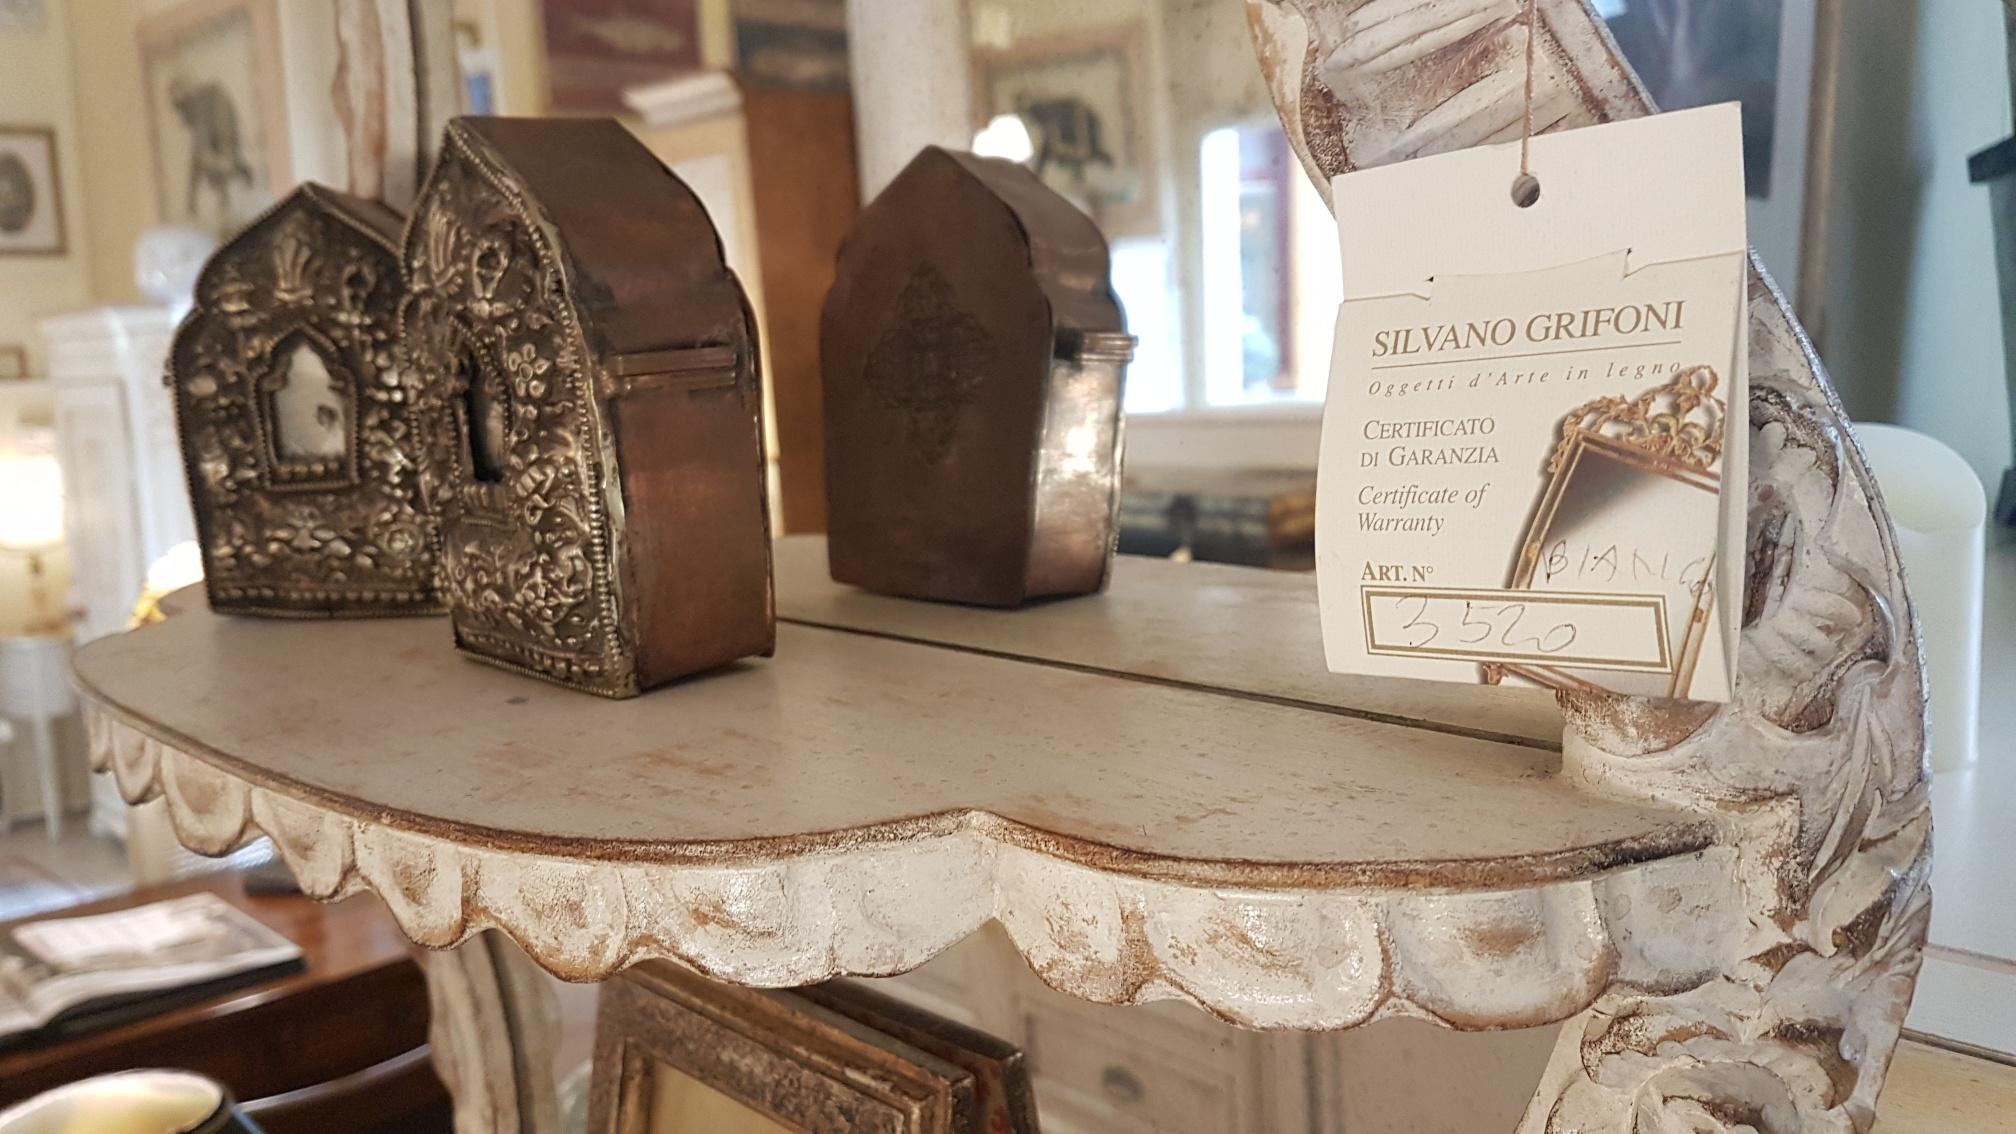 Mensole Laccate Su Misura.Arredamento Contemporaneo Mobili Country Su Misura Siena Firenze